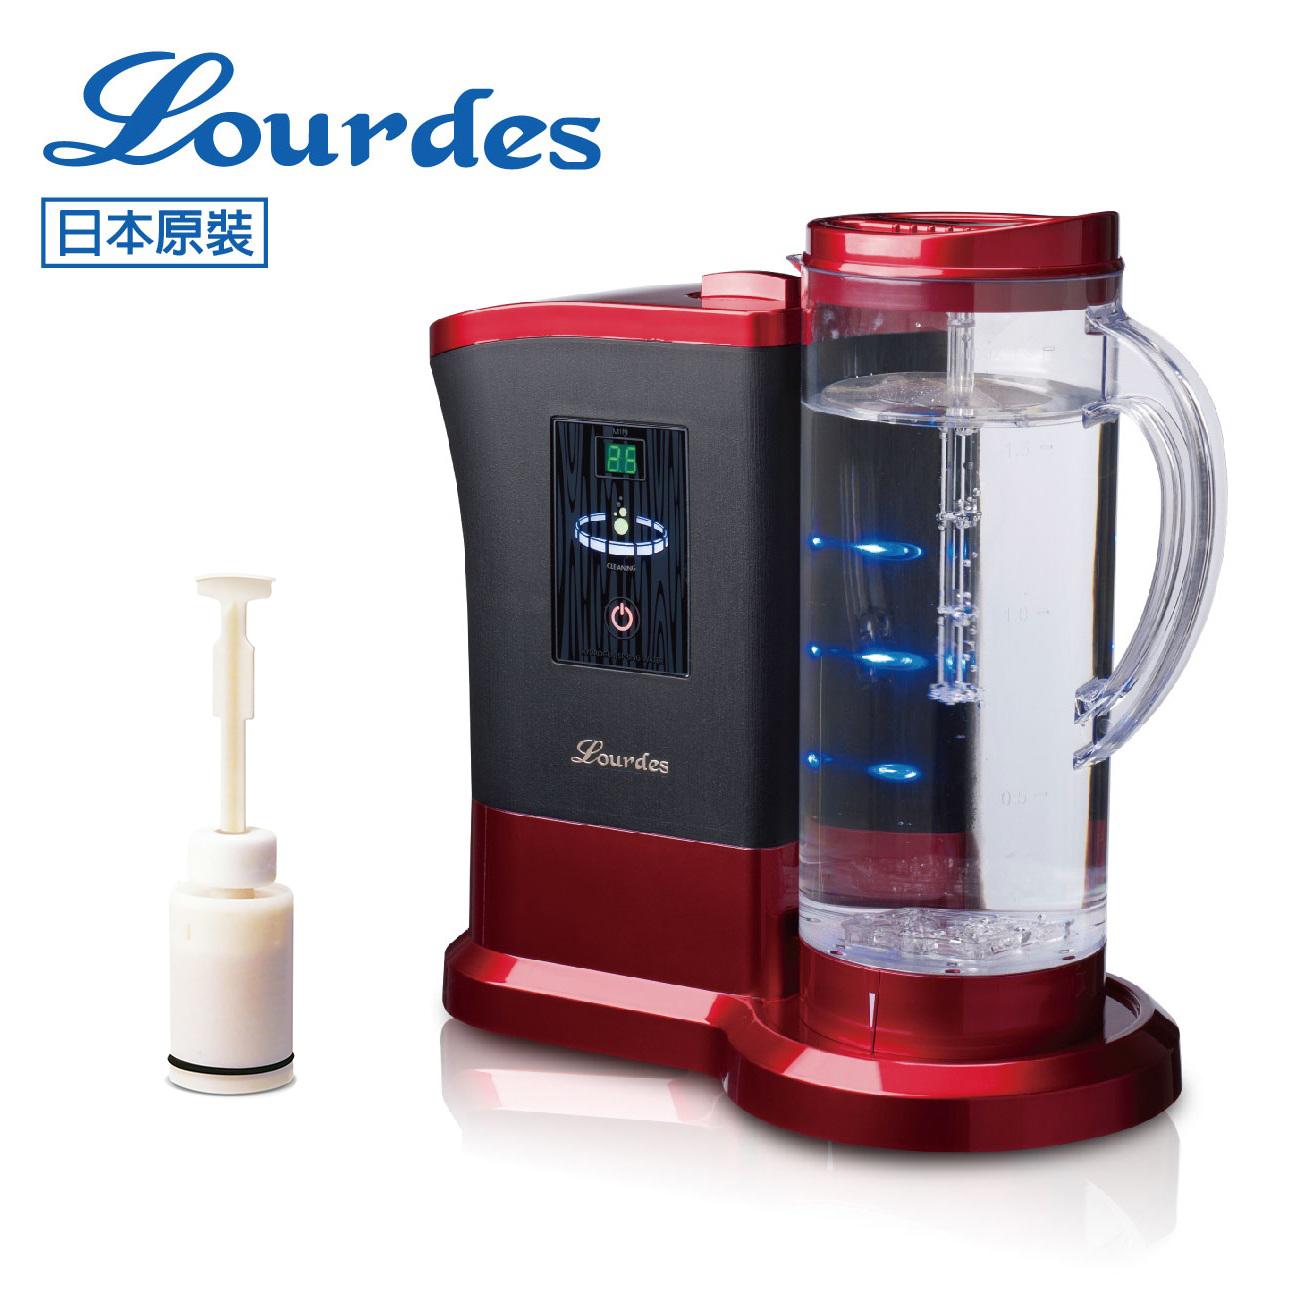 【淨水生活】日本Lourdes 羅德氫騎兵負氫水(高濃度水素水生成器) 加贈濾心1支 日本原裝進口 - 紅酒紅